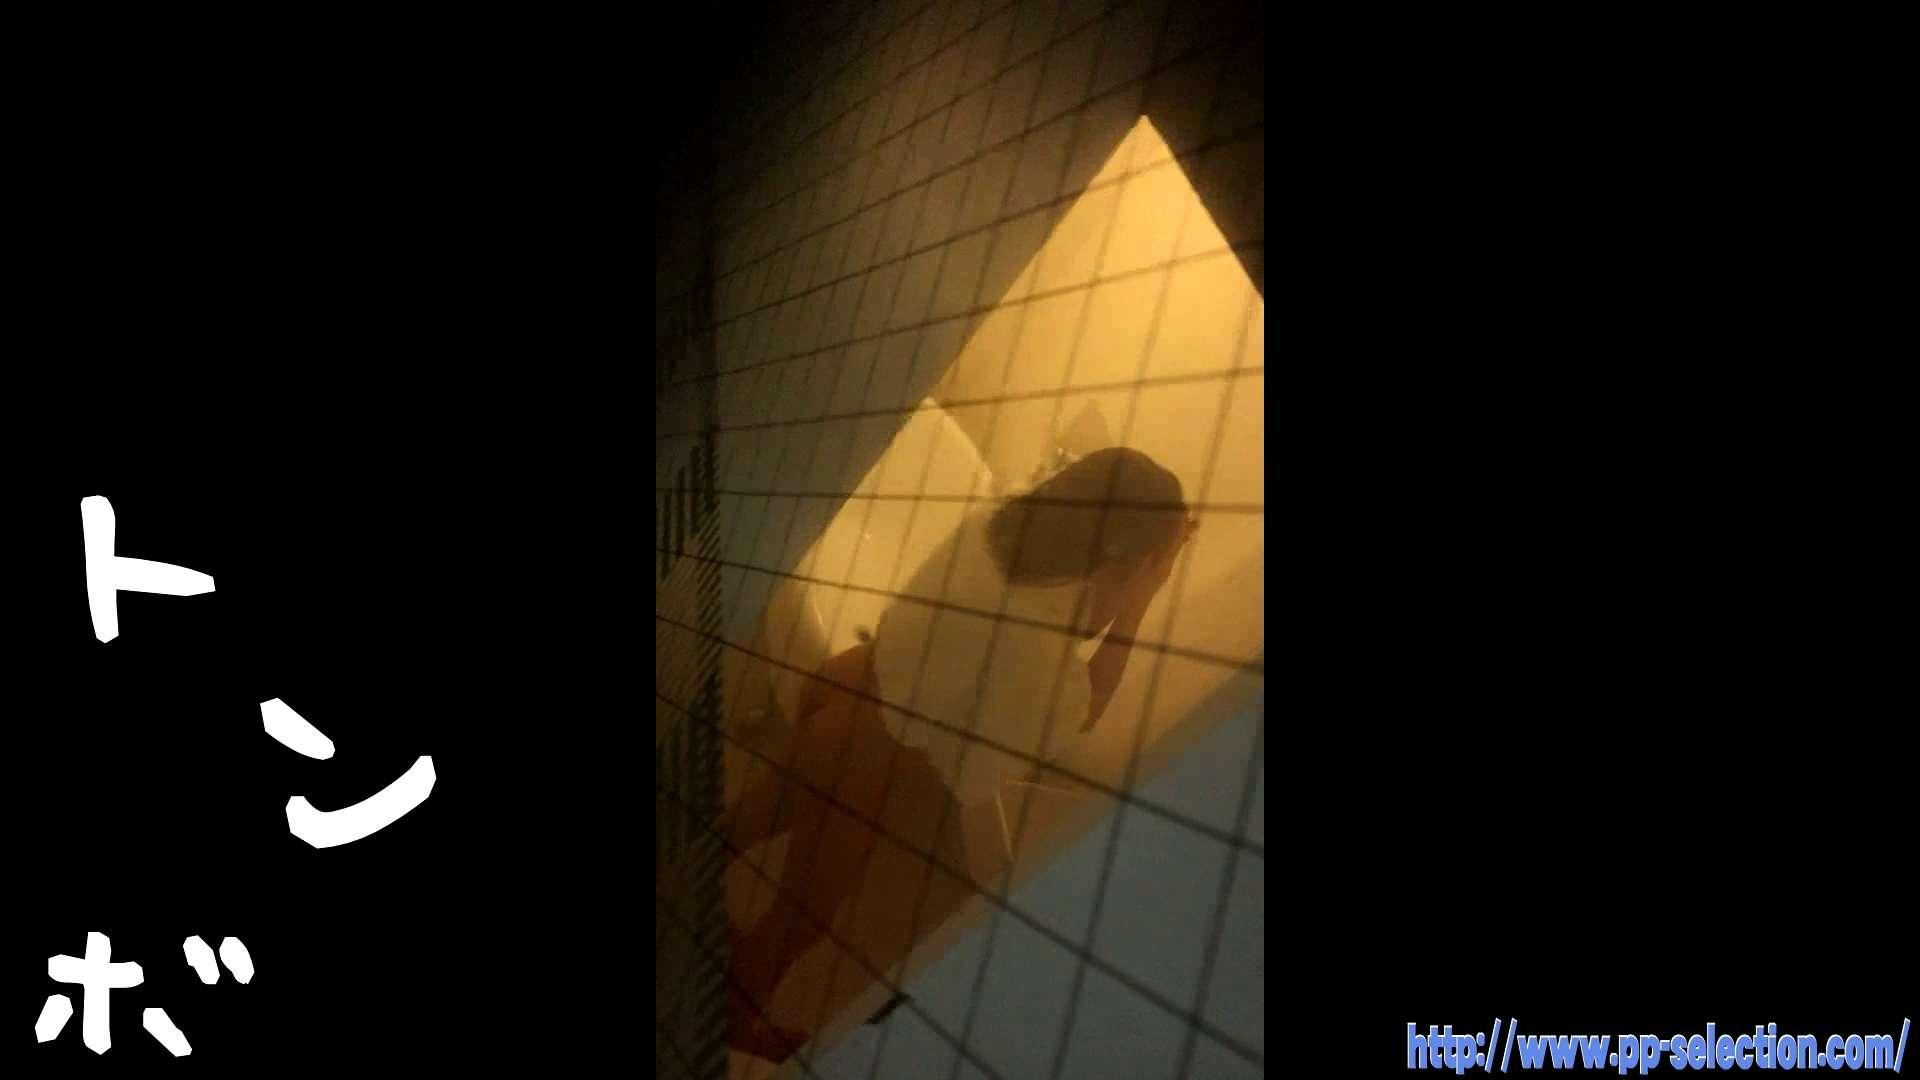 美女達の私生活に潜入!お洒落なアパレル店員の私生活!! 高画質 AV無料動画キャプチャ 99pic 95